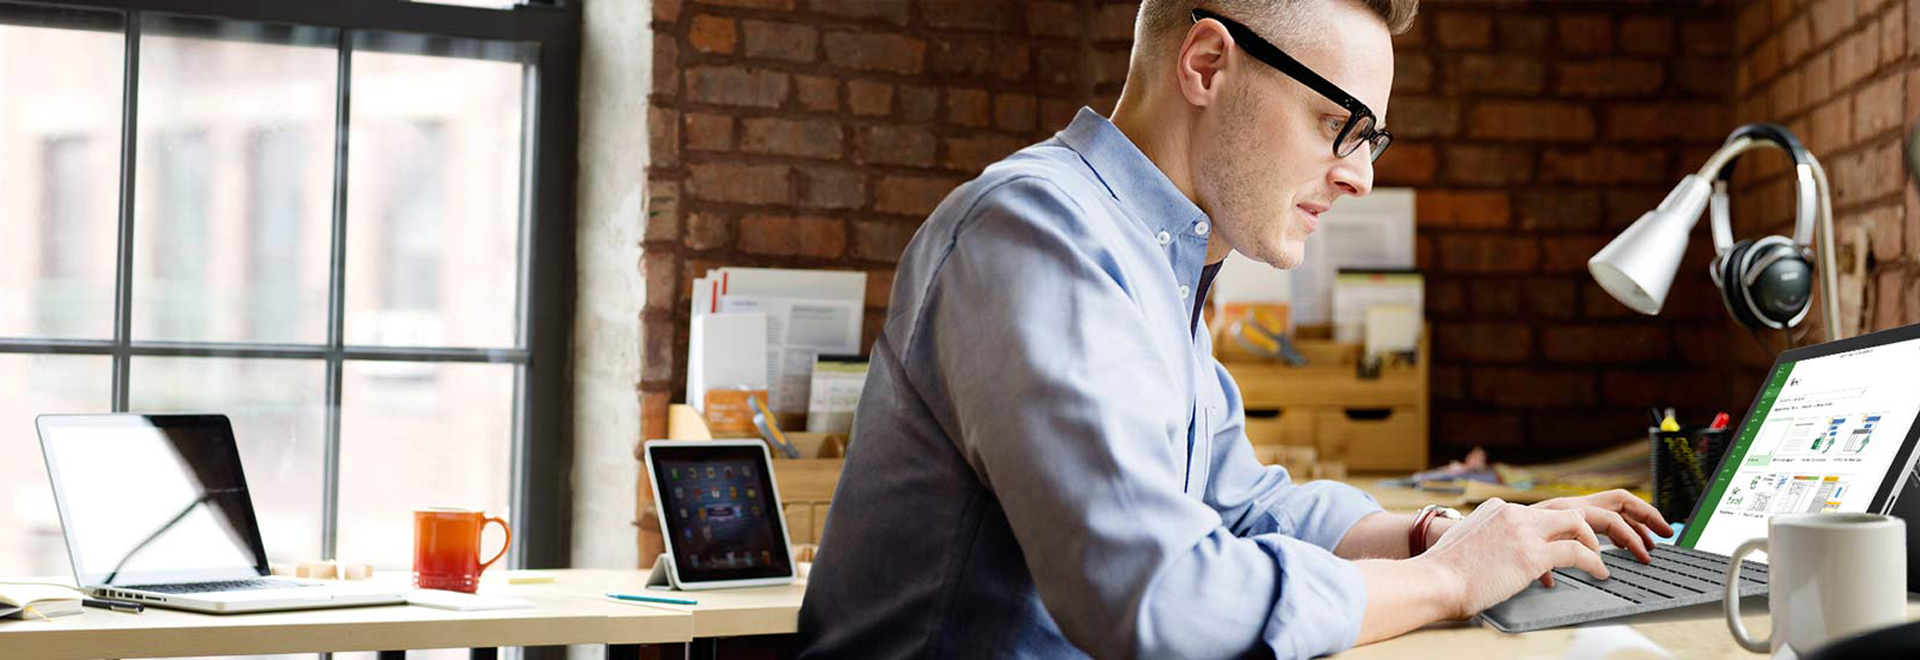 책상에 앉아 Surface 태블릿에서 Microsoft Project를 사용하여 작업하는 남자